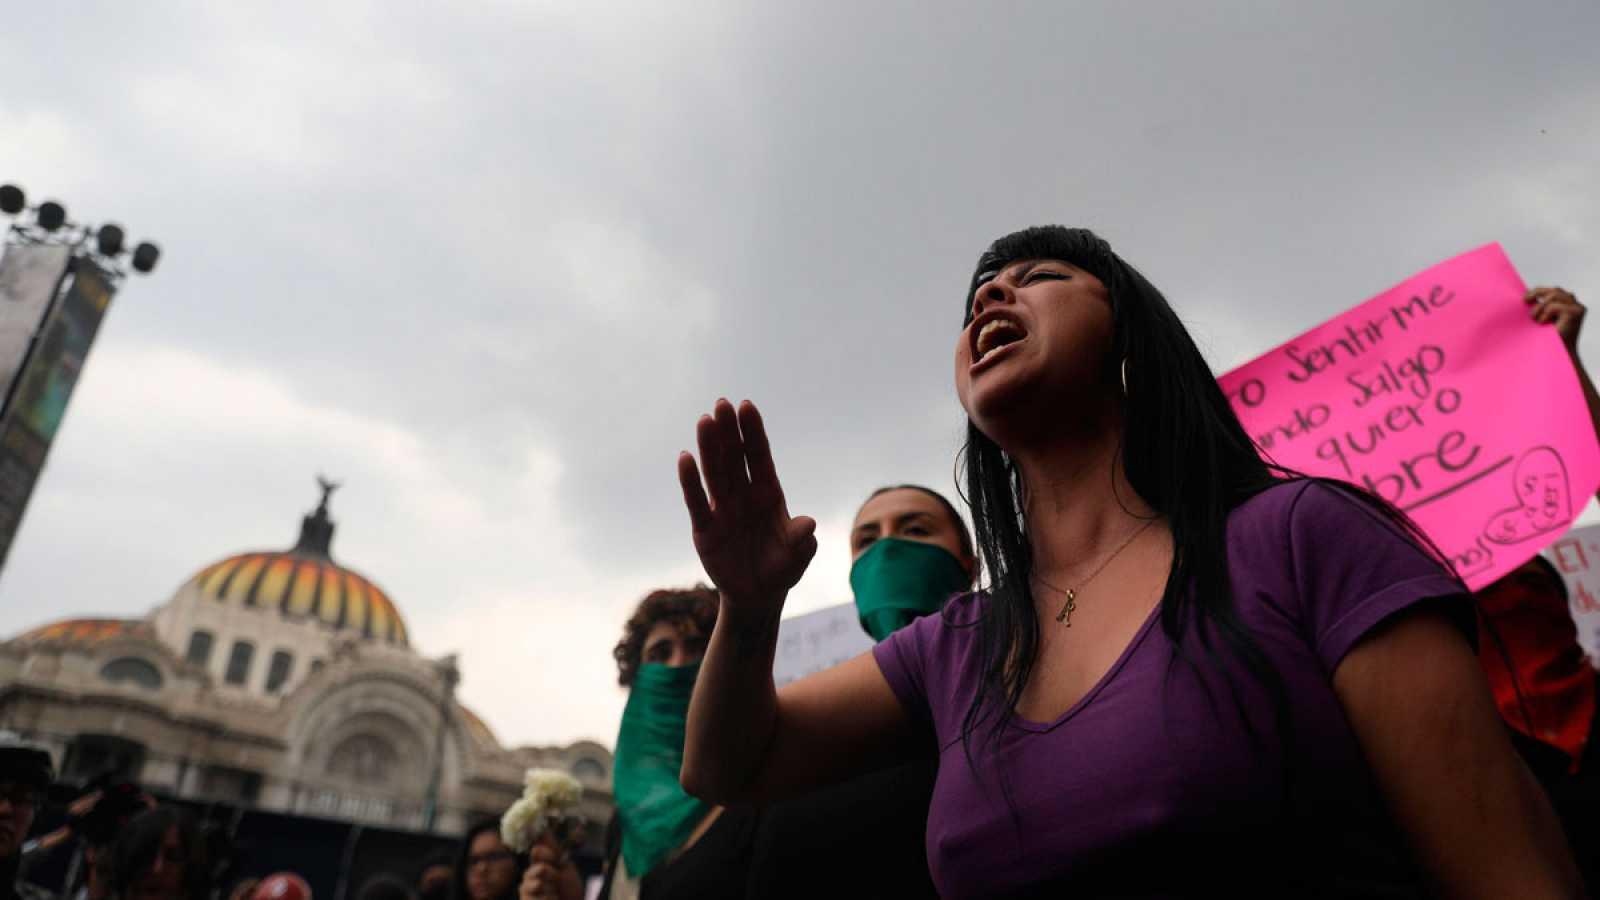 Las mujeres mexicanas piden a su Gobierno que tome medidas para frenar los feminicidios